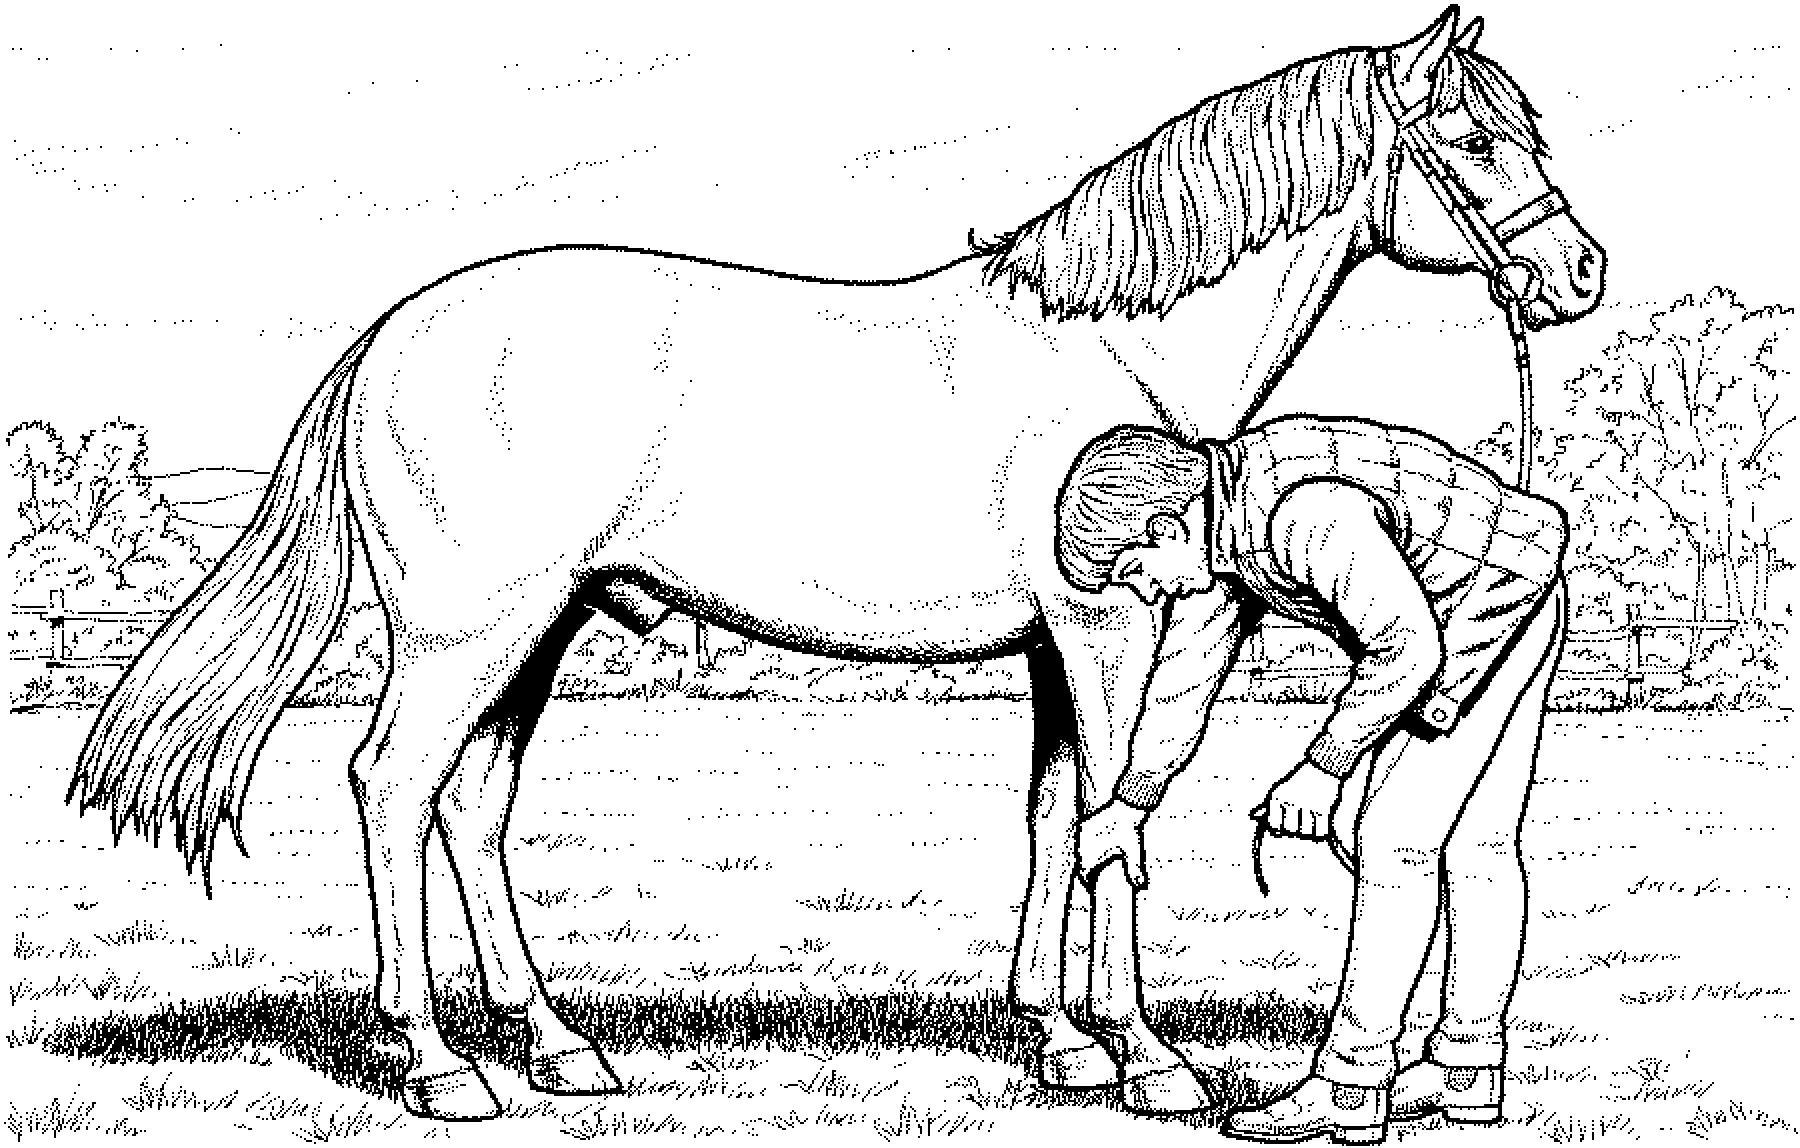 pferde ausmalbilder ausdrucken | Ausmalbilder pferde ...